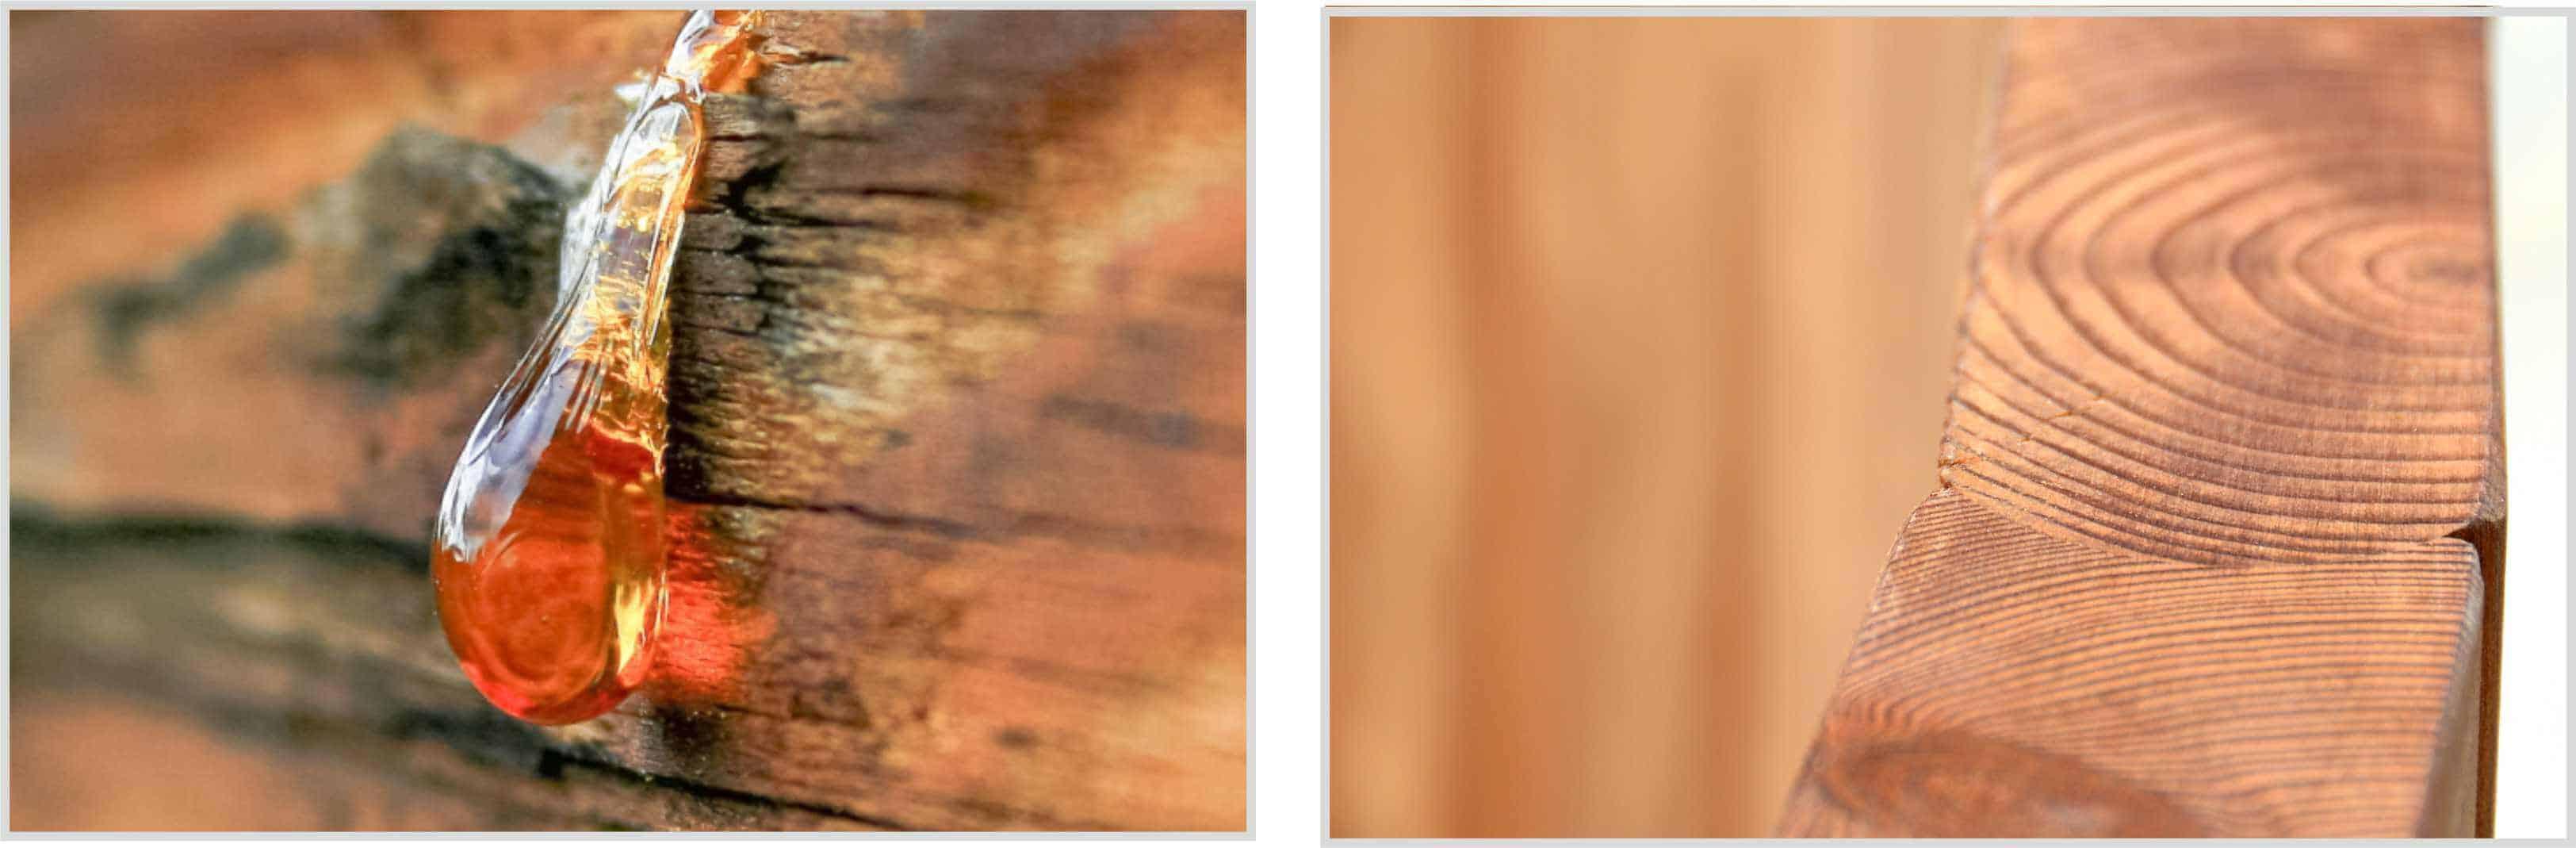 Drewno termowane i zwykłe - różnica